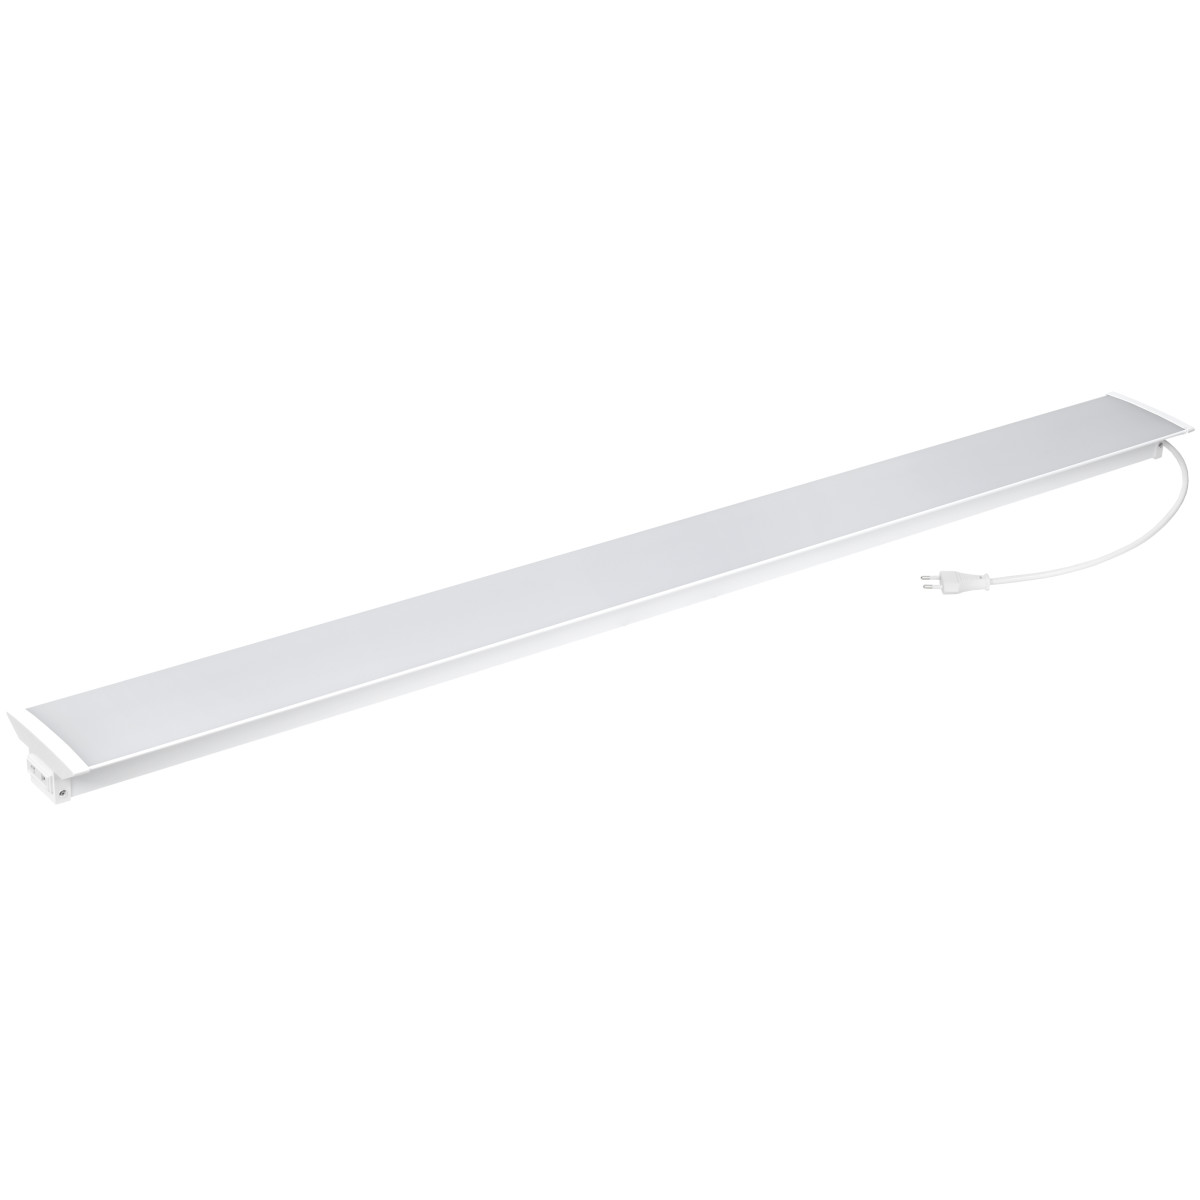 Светильник линейный светодиодный IEK 1201 1220 мм 36 Вт холодный белый свет